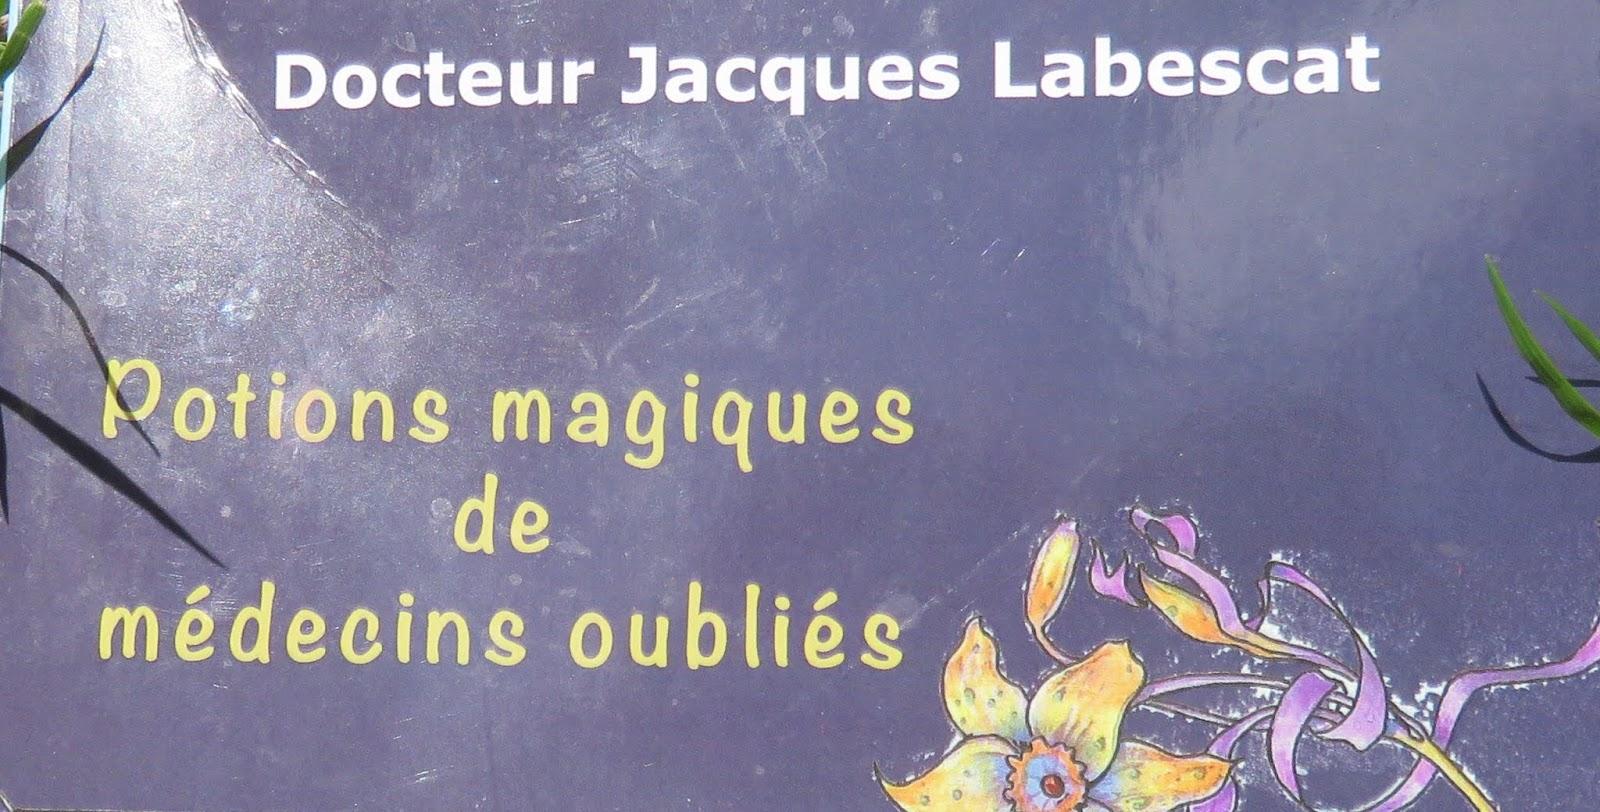 Potions magiques de médecins oubliés - Docteur Jacques Labescat